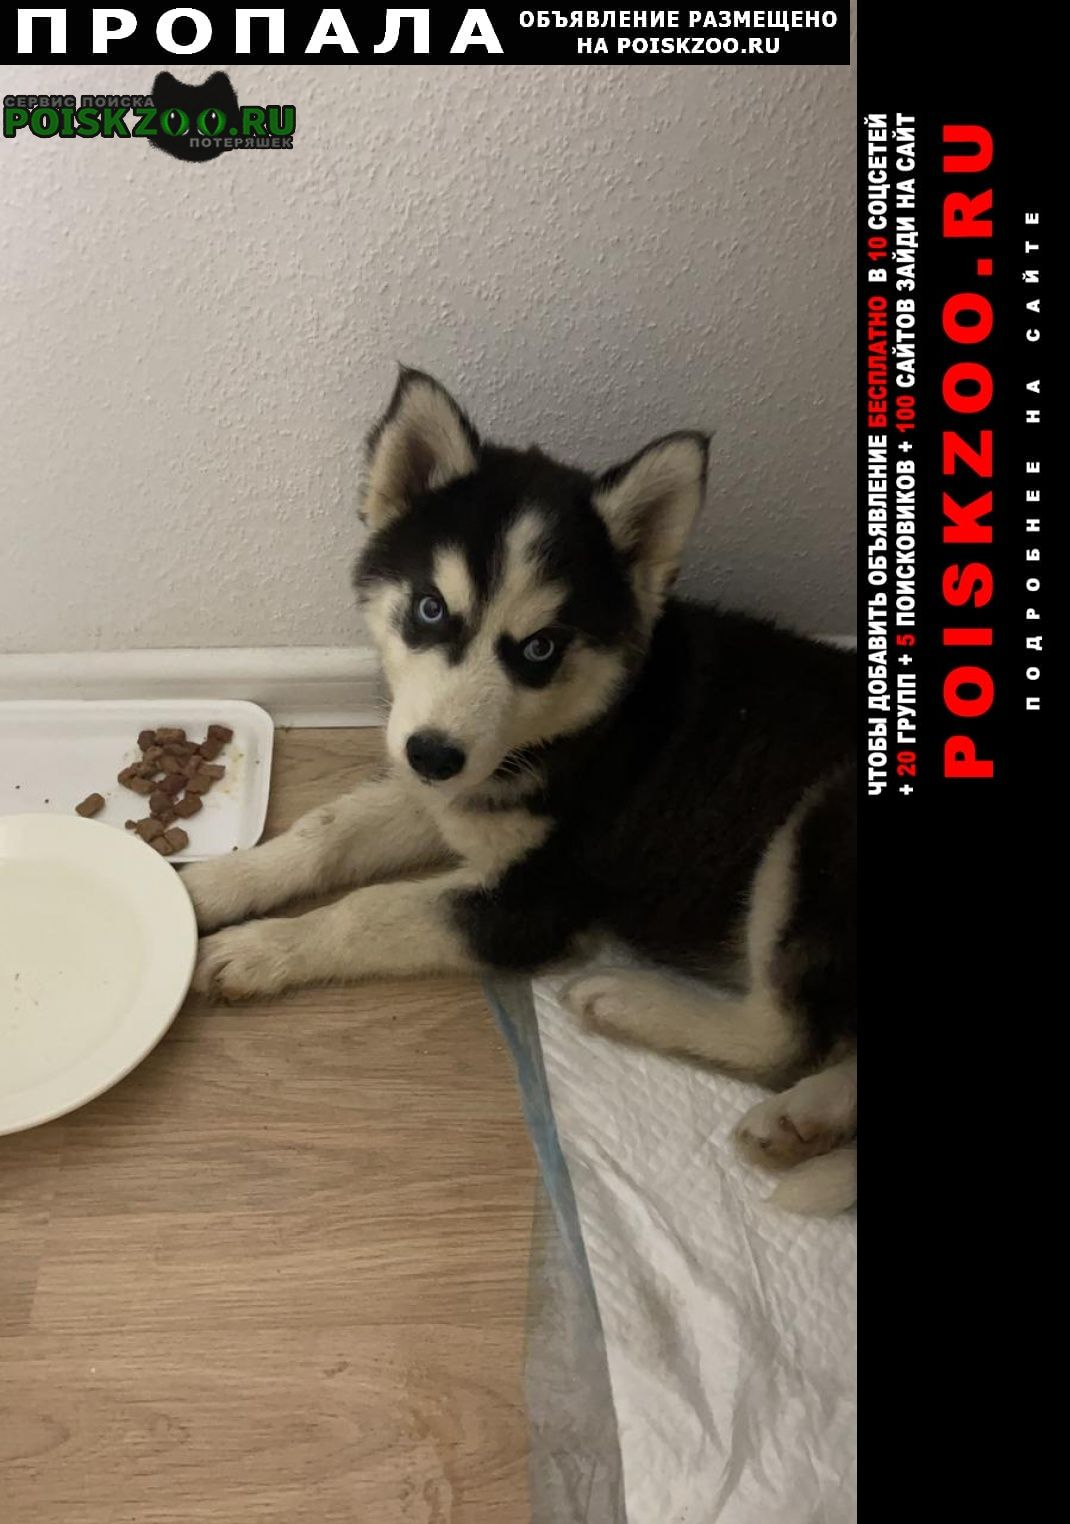 Пропала собака кобель щенок хаски черного окраса в текстильщ. Москва